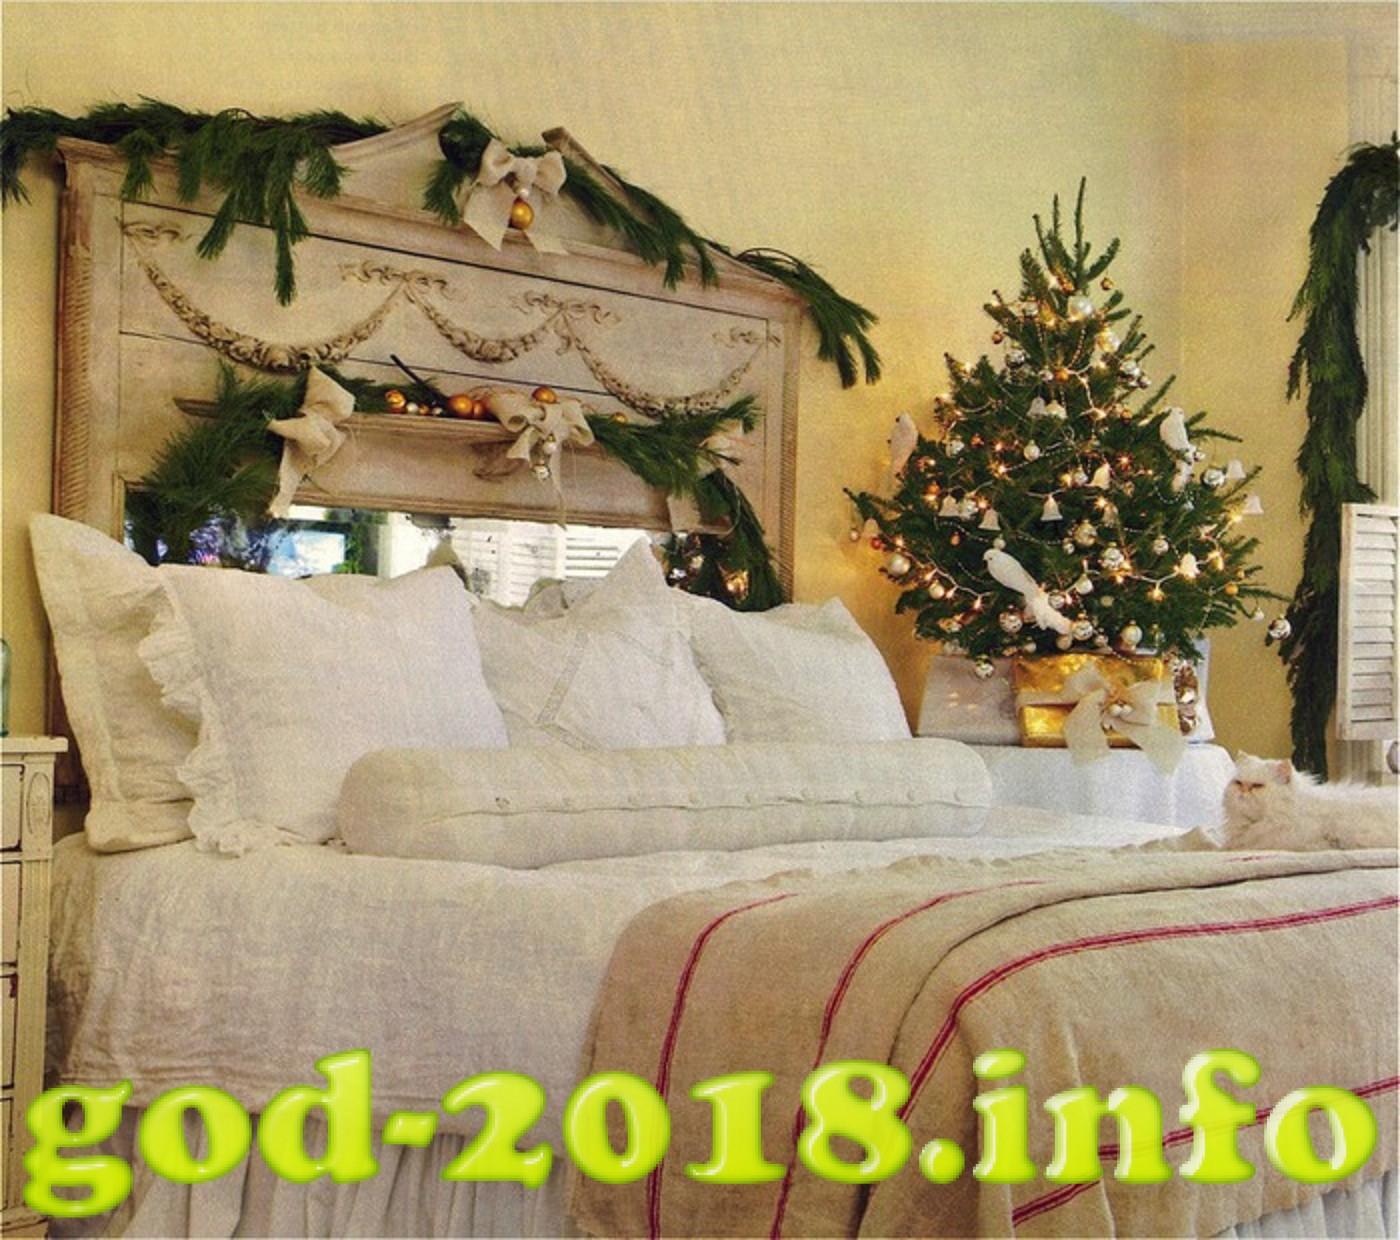 Ukrashaem kvartiru k Novomu godu 2018 (10)